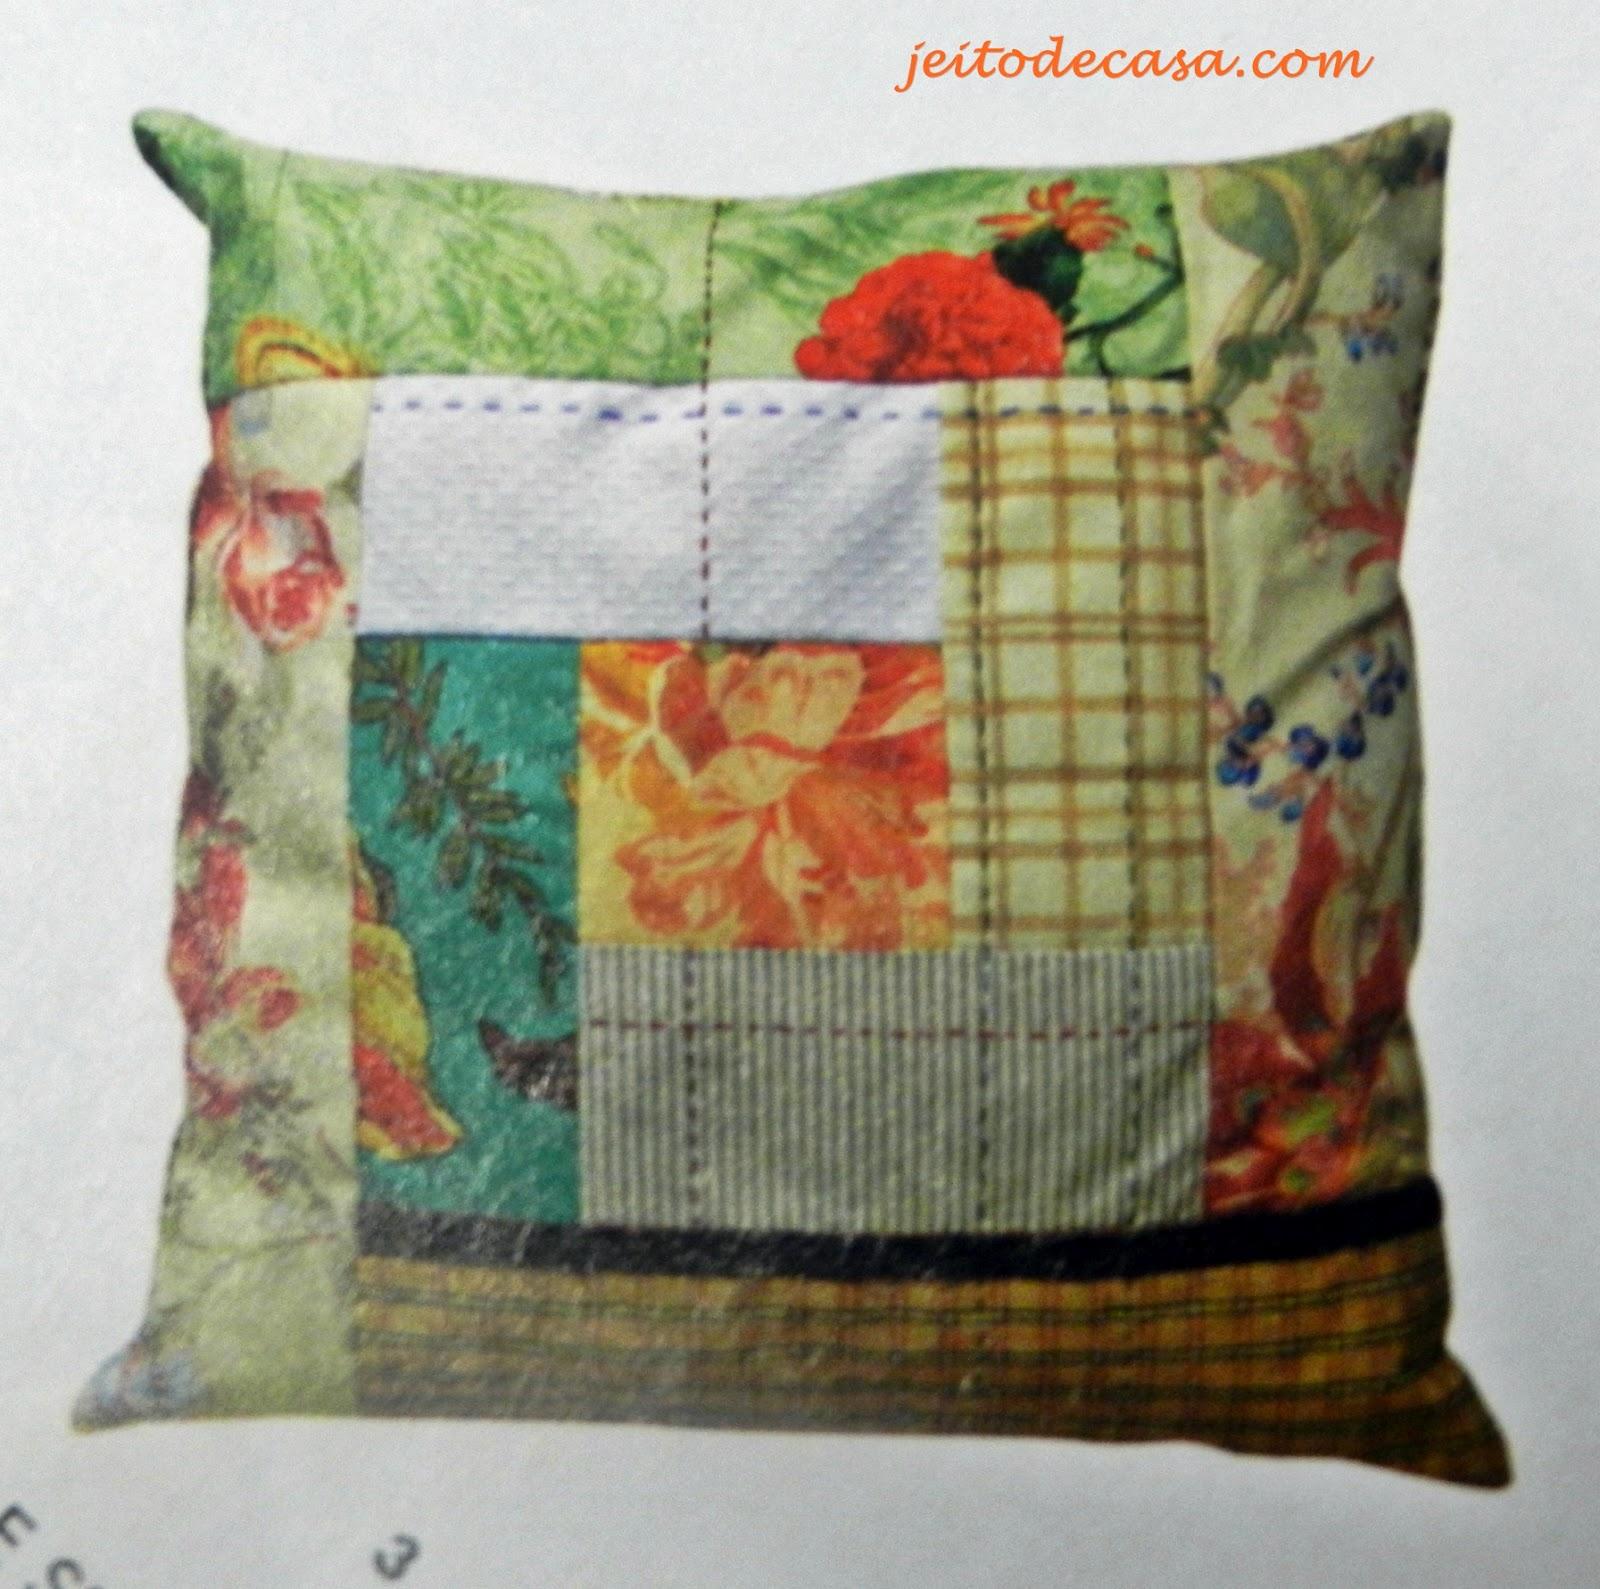 Patchwork na almofada jeito de casa blog de decora o - Casas de patchwork ...